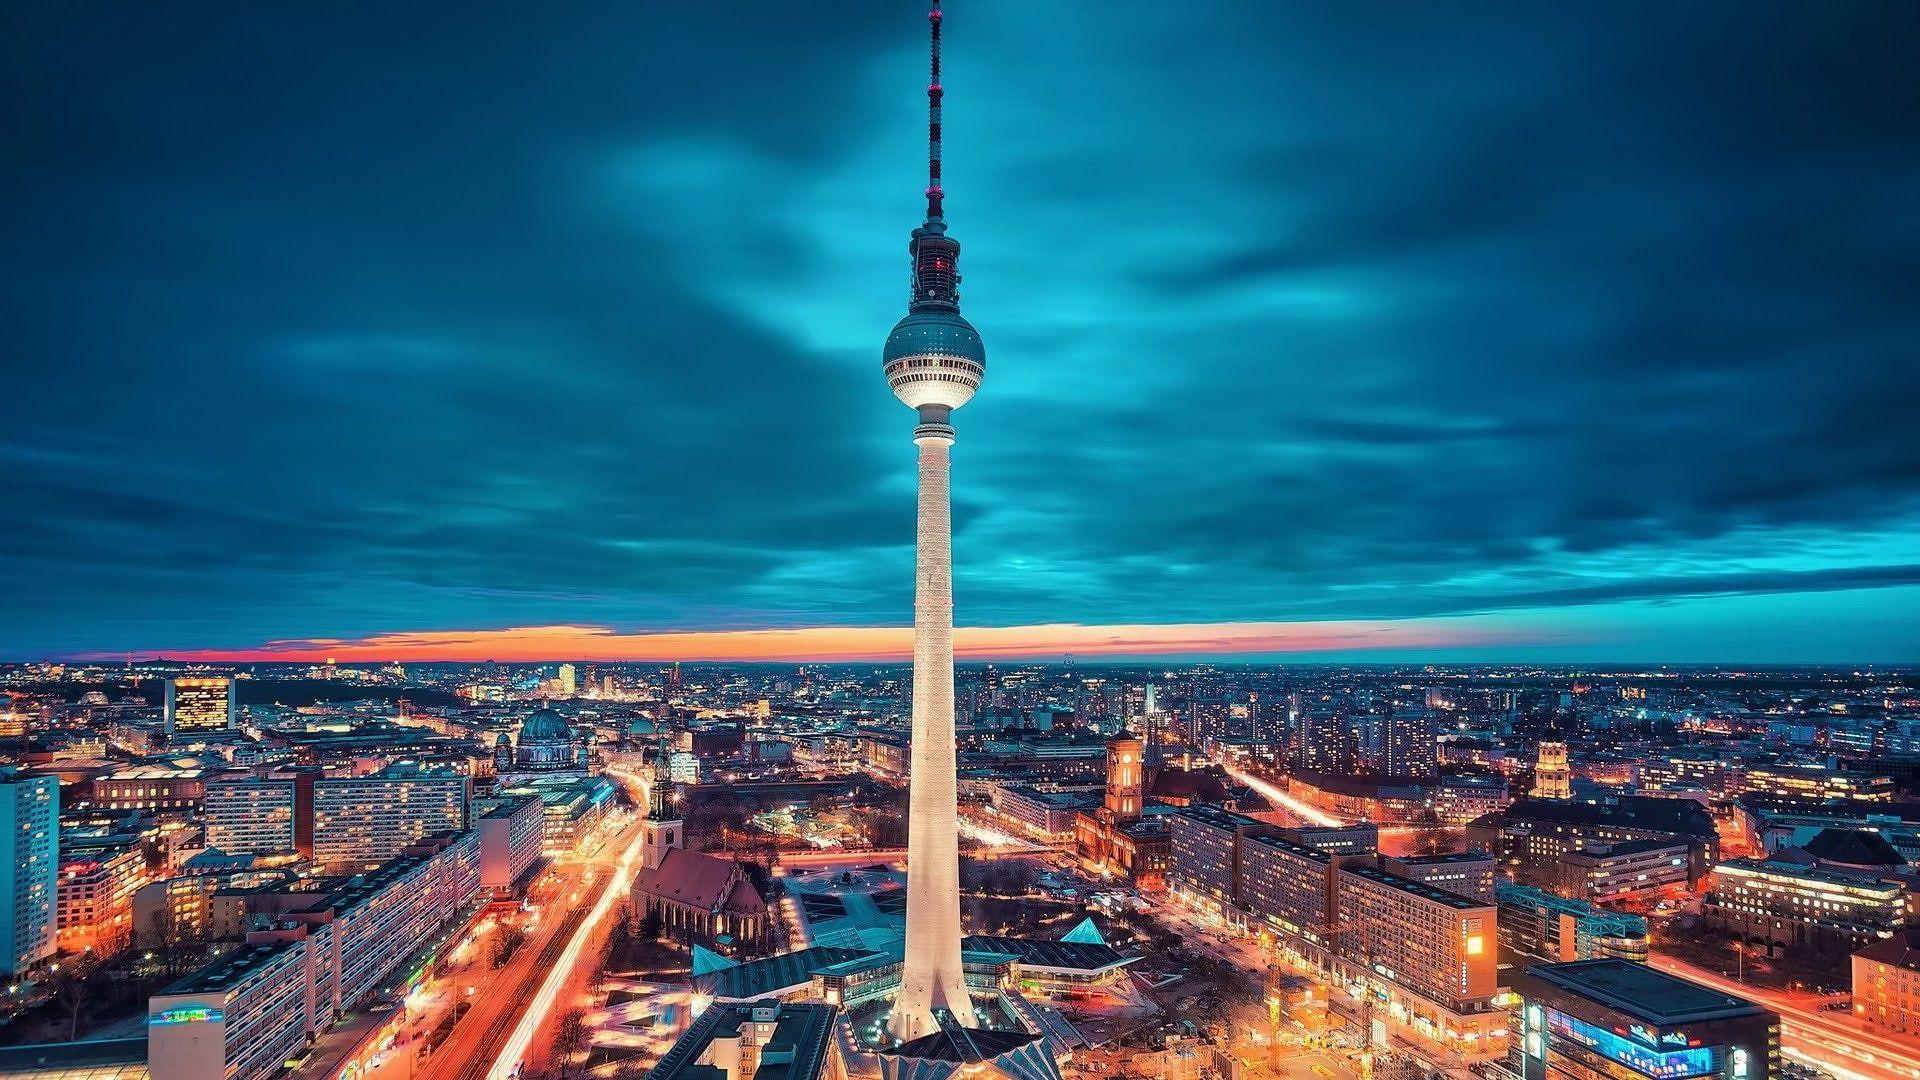 Berlin Alexanderplatz Fernsehturm 1080p Wallpaper Hdwallpaper Desktop In 2020 Berlin City City Wallpaper City Landscape